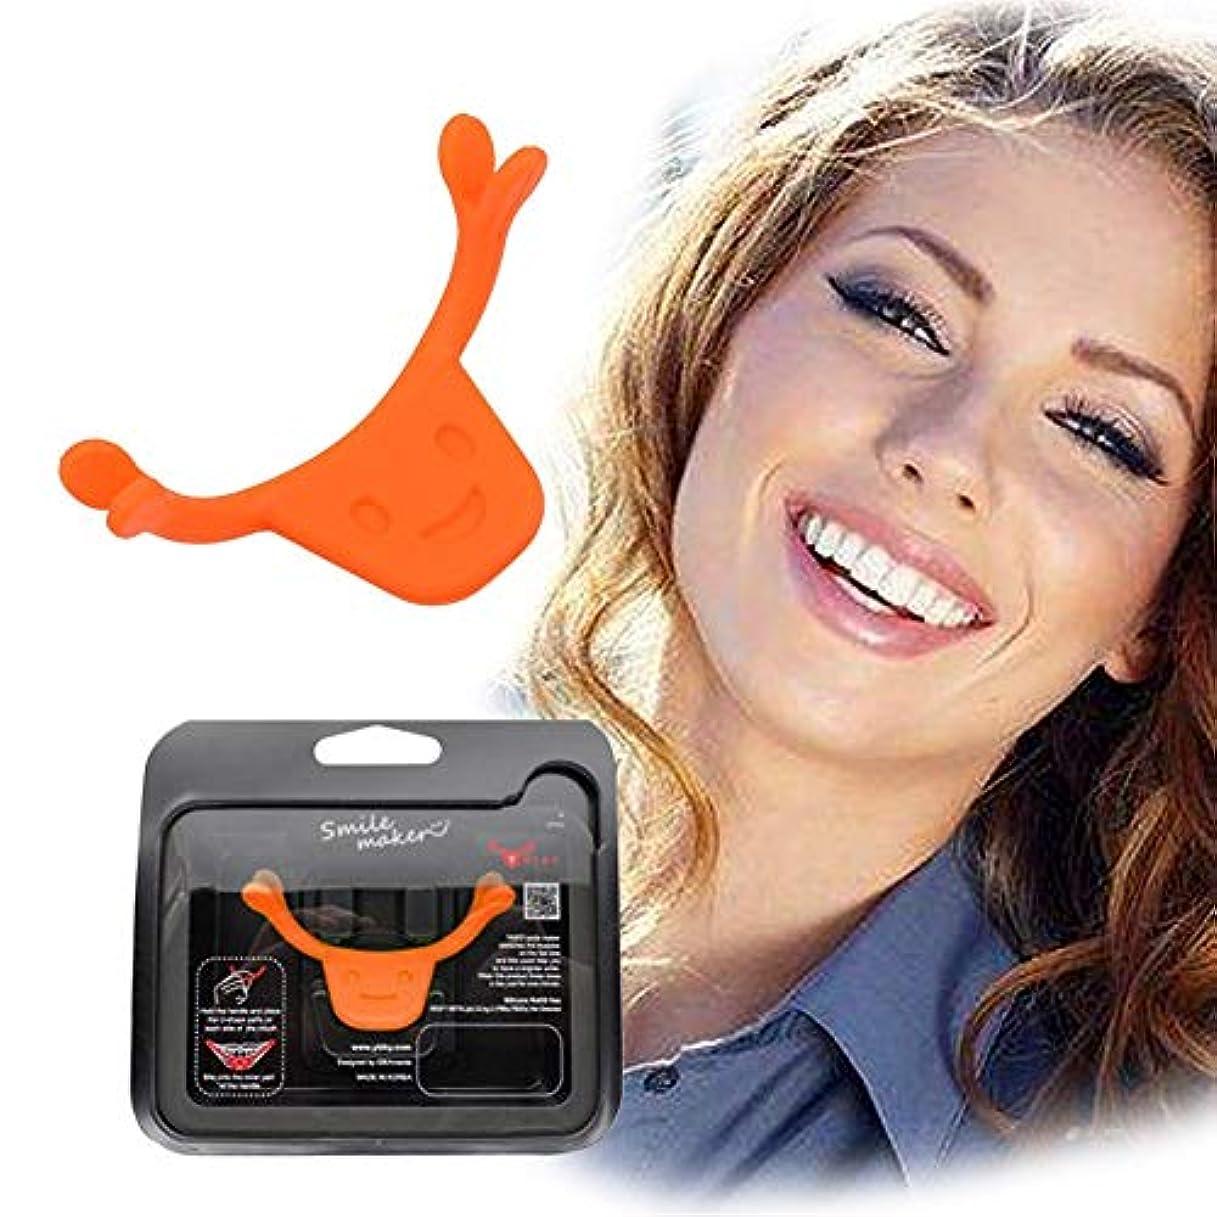 みがきますヒットドアミラーBasong 小顔矯正 顔痩せグッズ フェイストレーニング 笑顔練習 スマイル矯正 口角上げる 口角アップ リフトアップ オレンジ